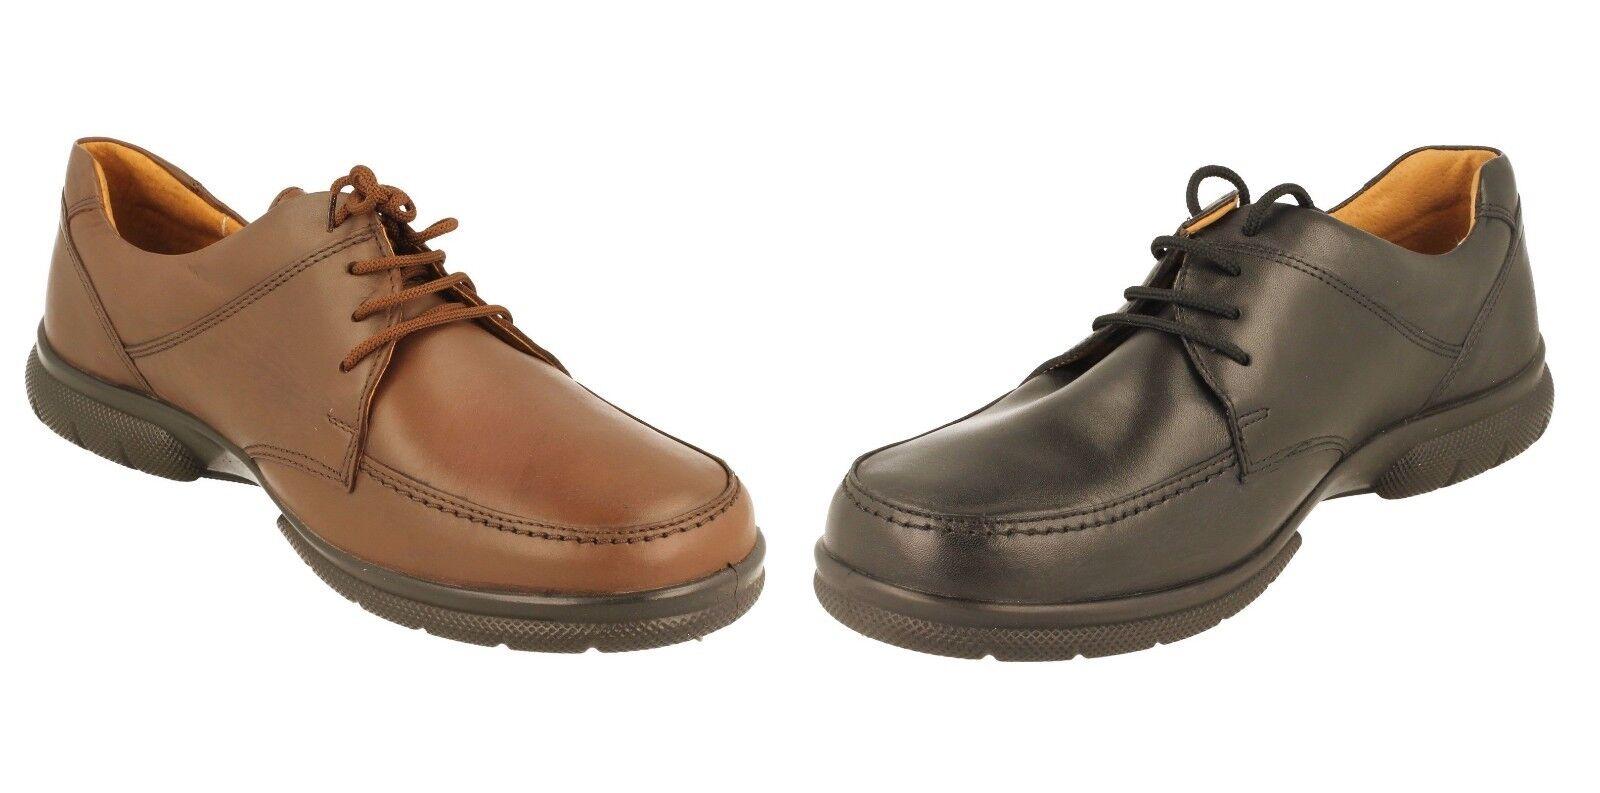 men Db shoes Morgan con Lacci Molto Comode per Orthotics Larghezza 2E 4E 6E